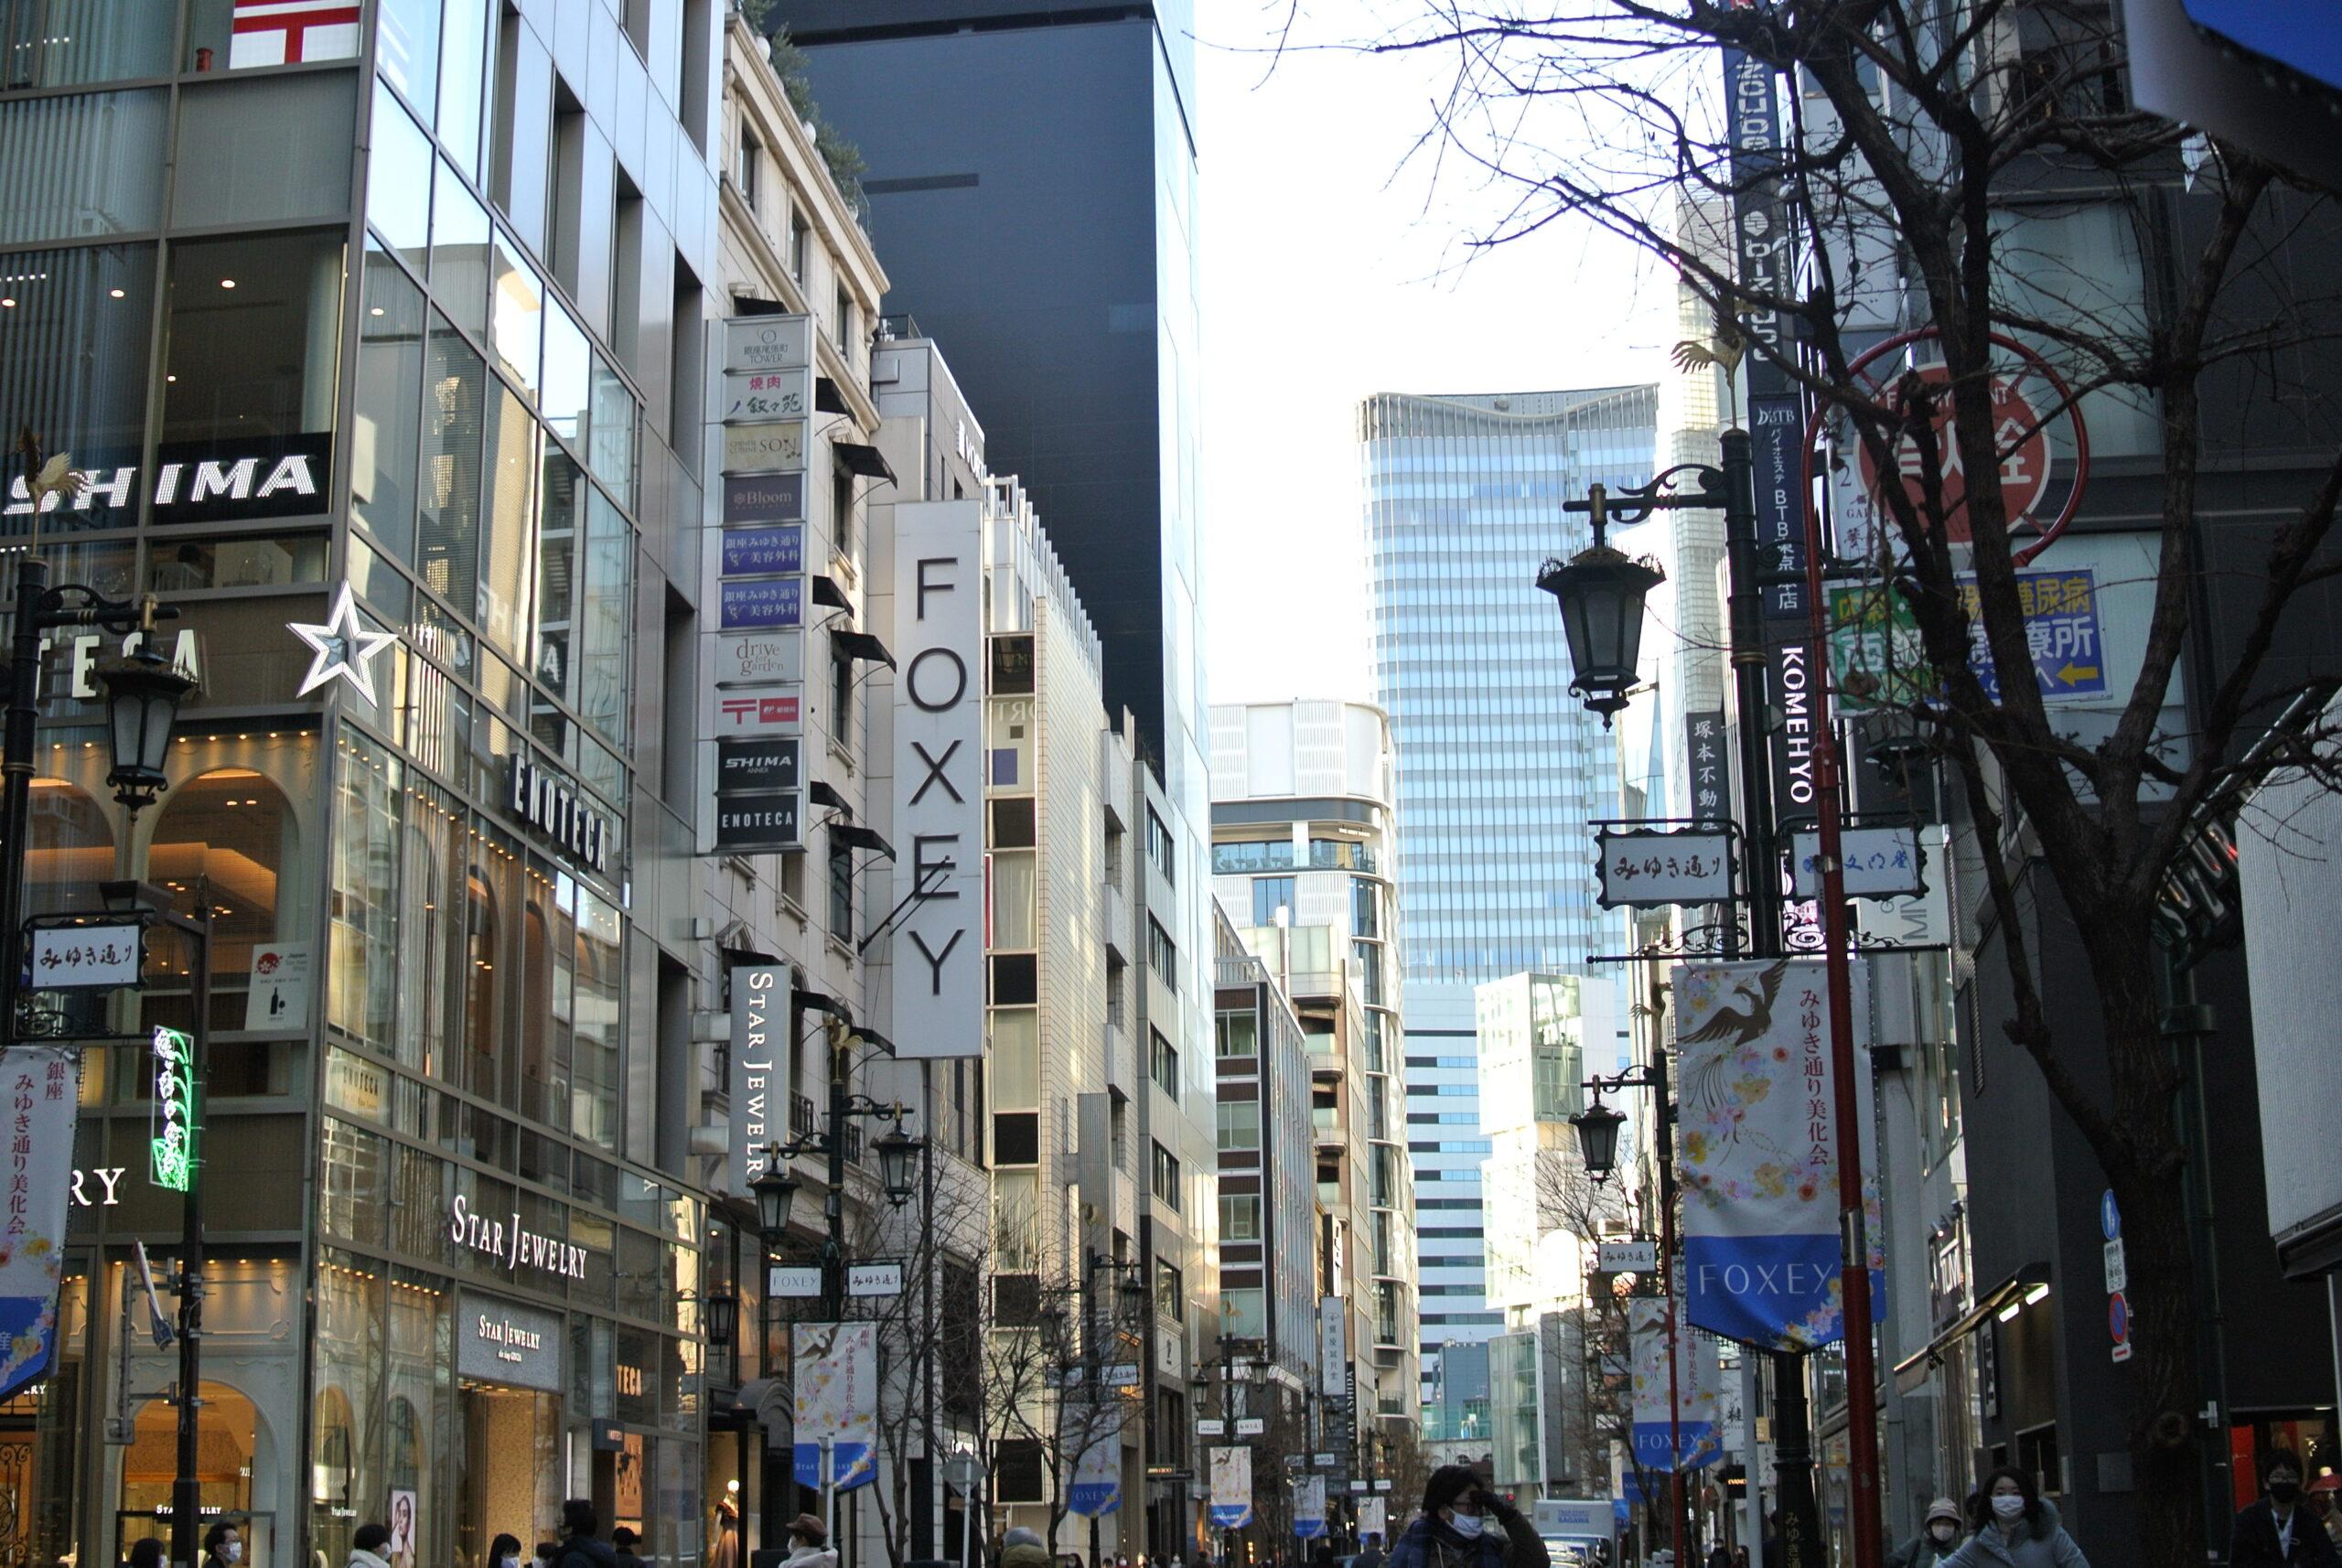 土地取引、東京で「活発」が大幅に減退―国交省調査、購入・売却意向も全地域減